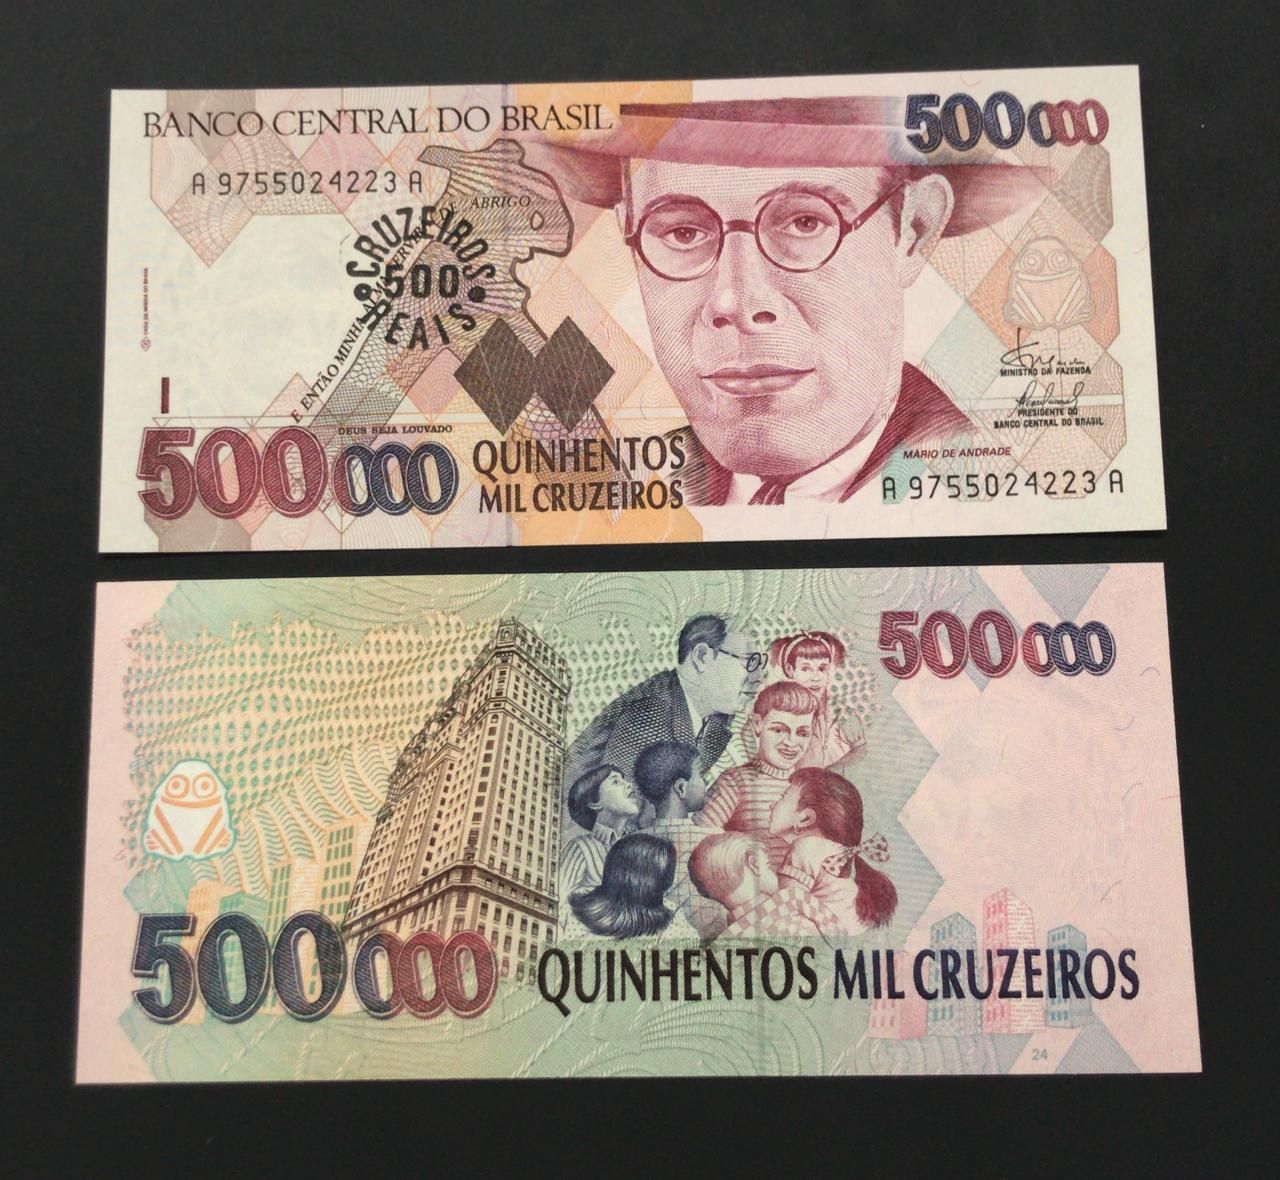 C236 Cédula 500.000 Cruzeiros Mário de Andrade FE